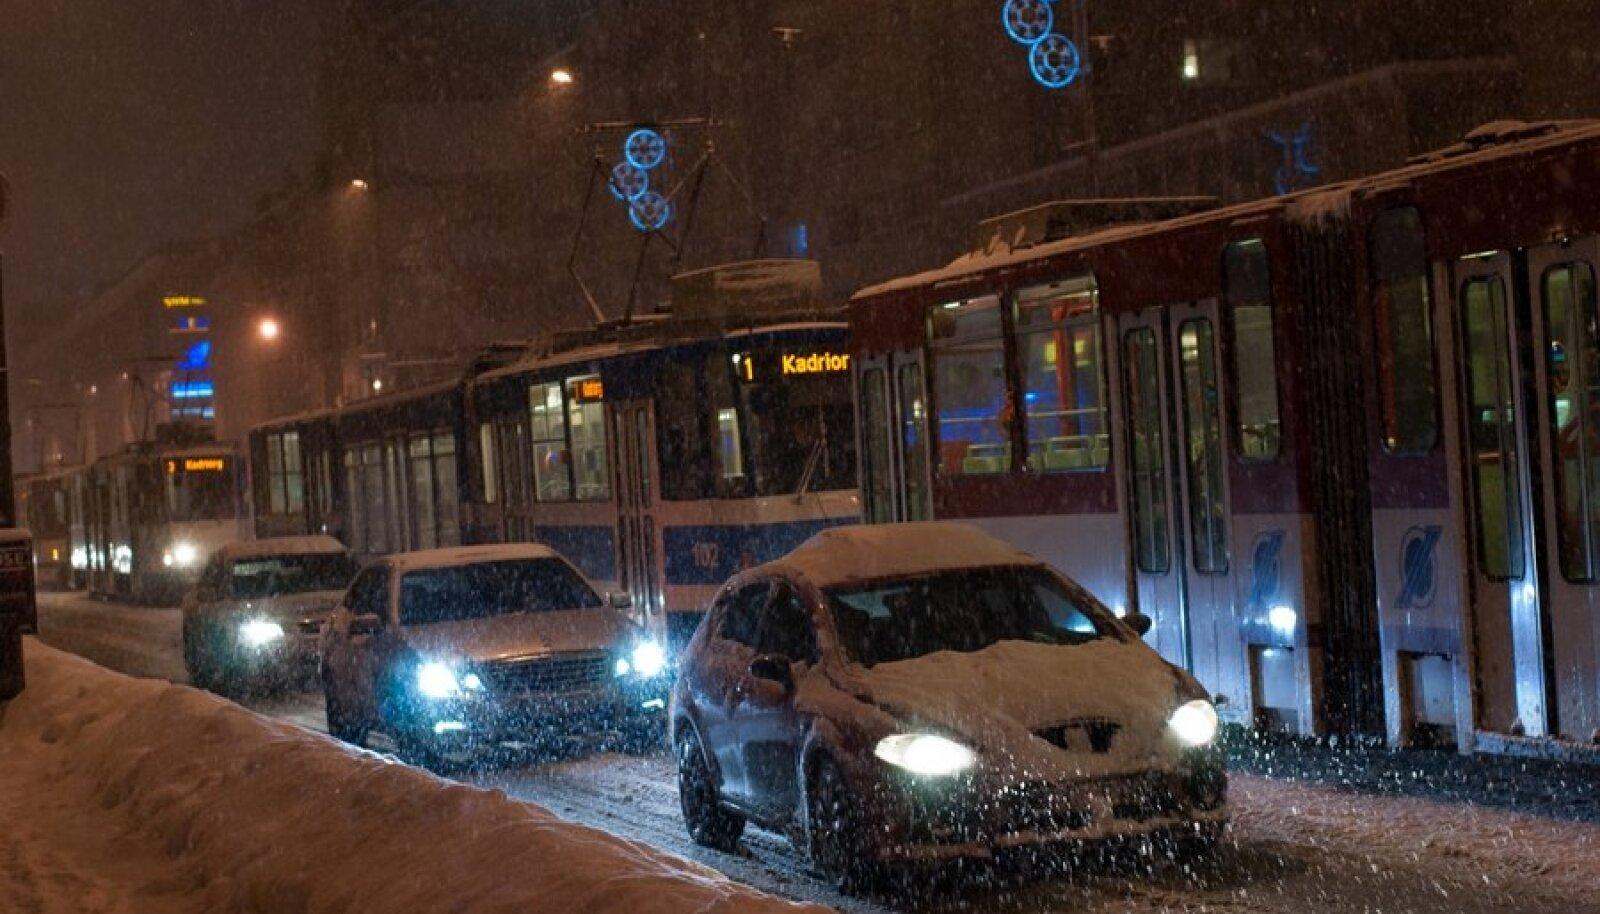 Liiklusõnnetus Narva maanteel